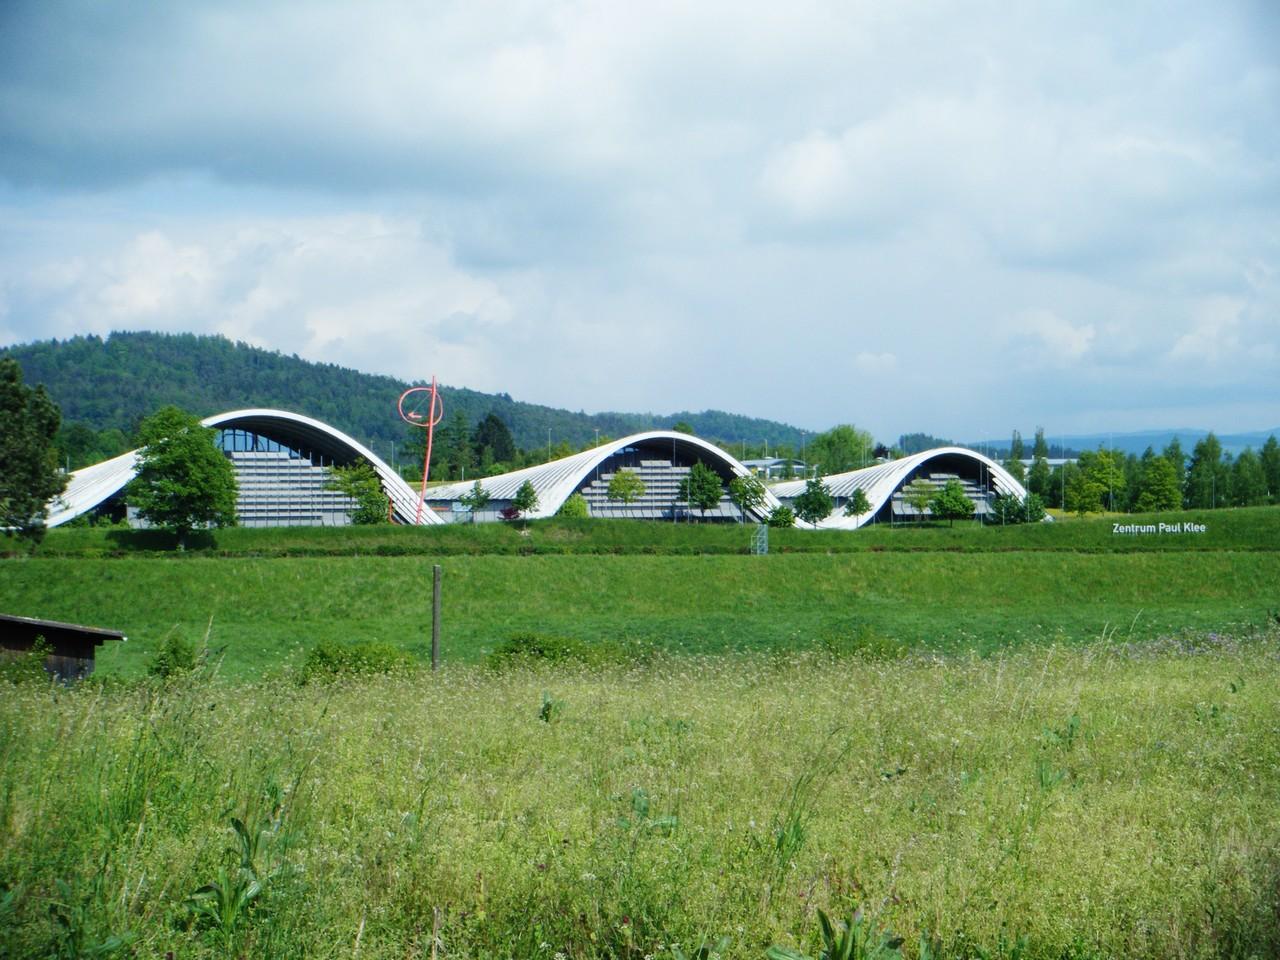 Musée Paul Klee